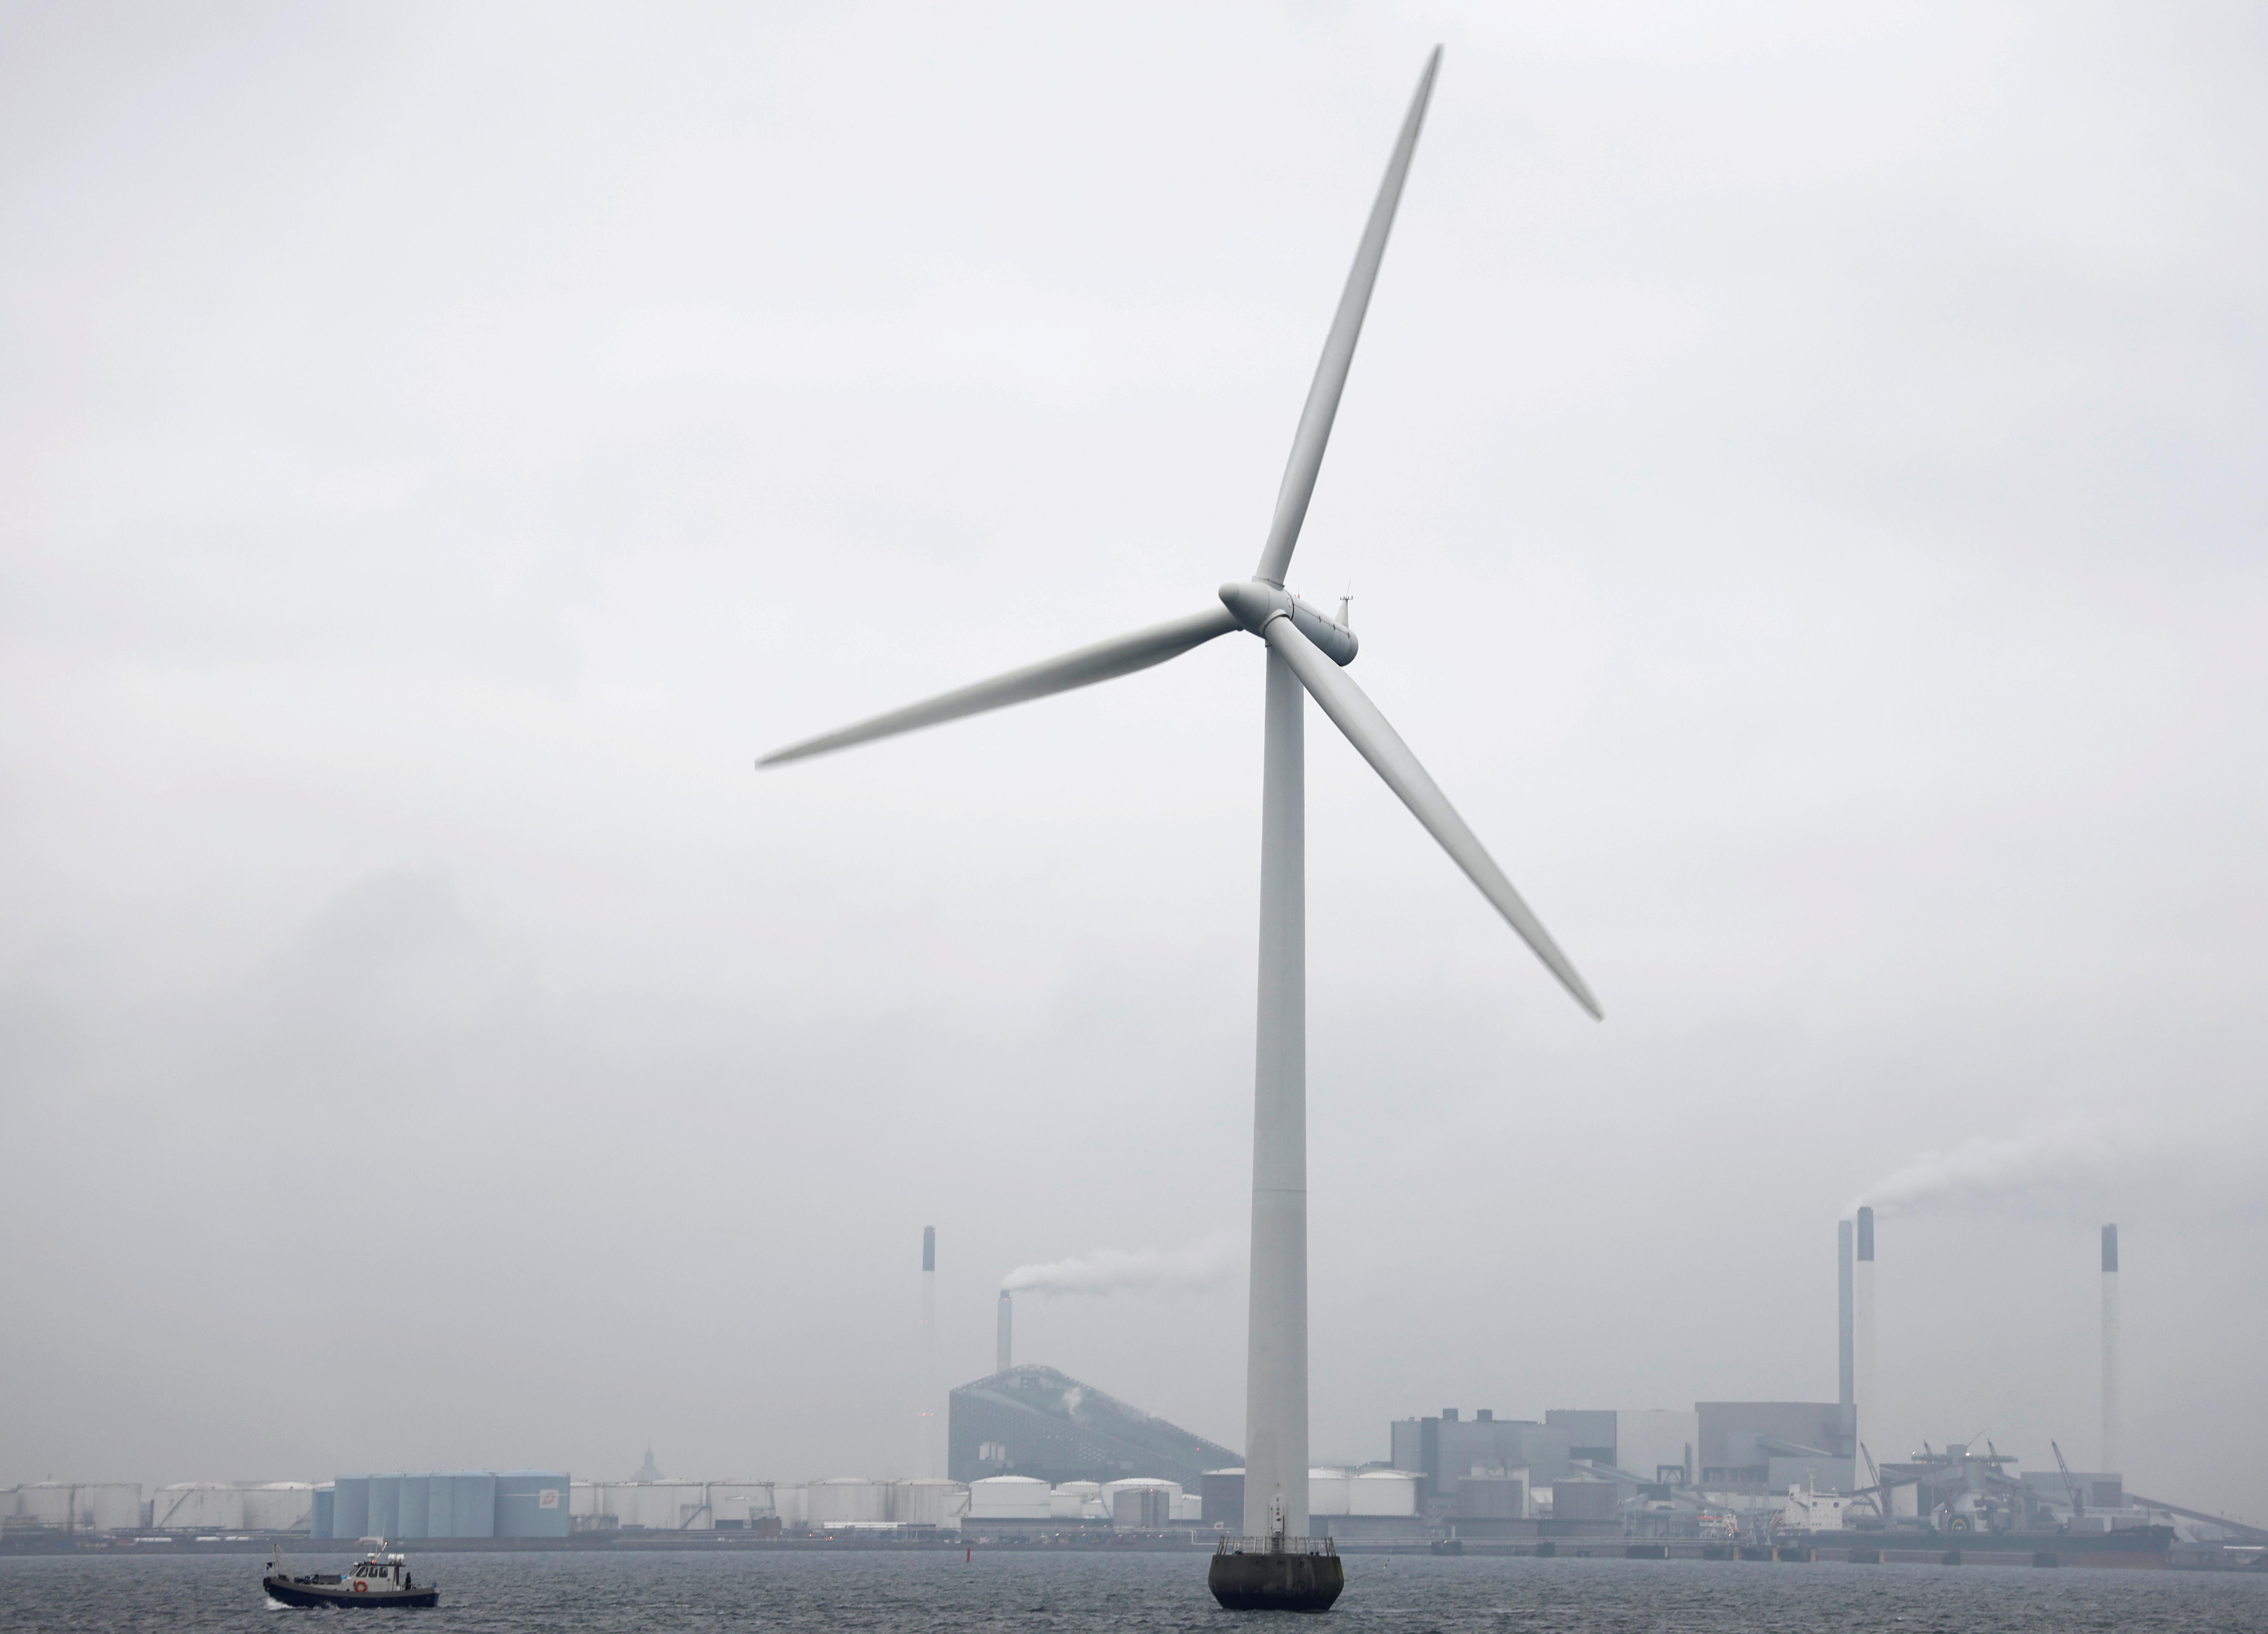 Middelgrunden offshore wind farm is pictured outside Copenhagen, Denmark November 27, 2019. Picture taken November 27, 2019. REUTERS/Andreas Mortensen/File Photo